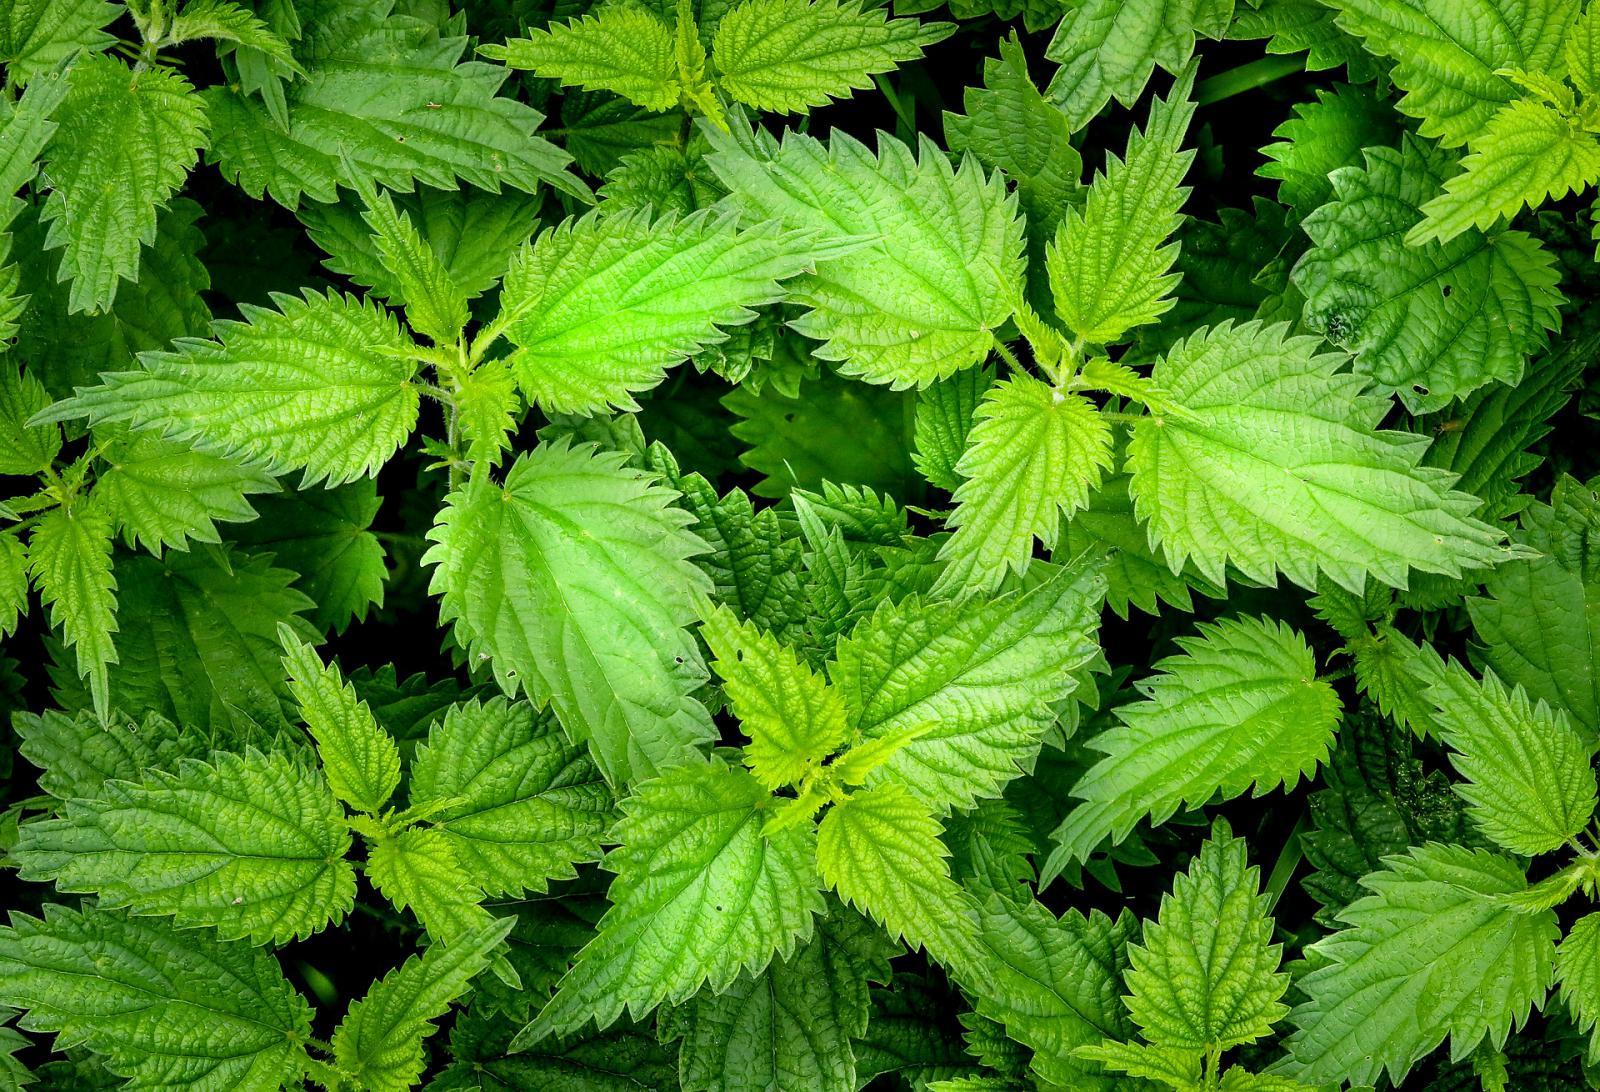 Gyógynövények prosztatabántalmakra, Milyen gyógynövényeket inni prosztatagyulladással